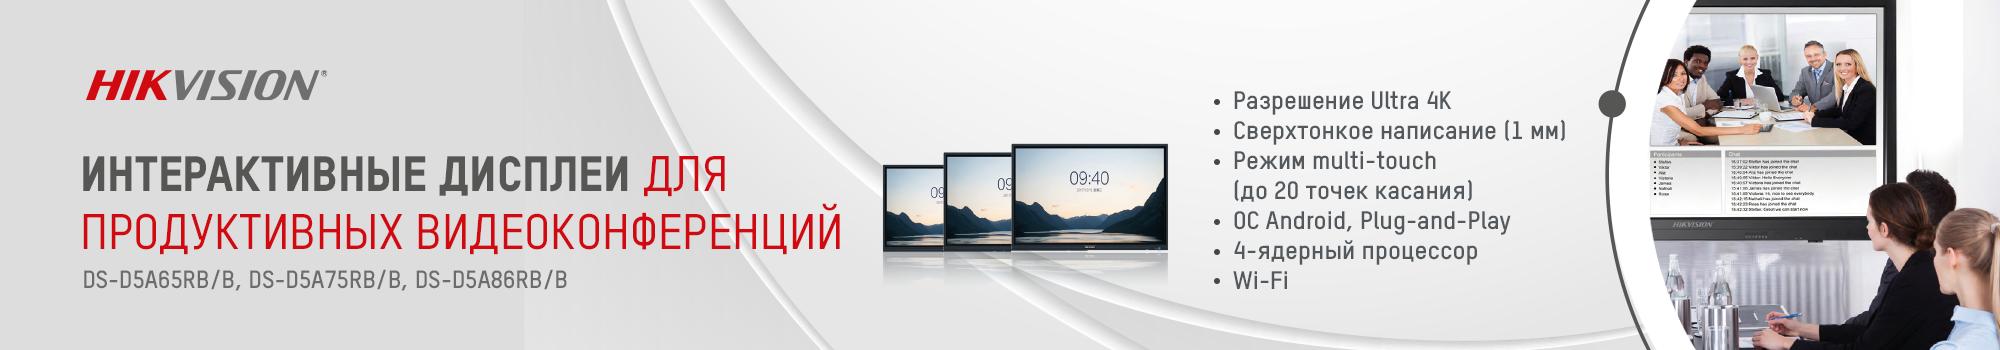 Интерактивное решение Hikvision для продуктивных видеоконференций